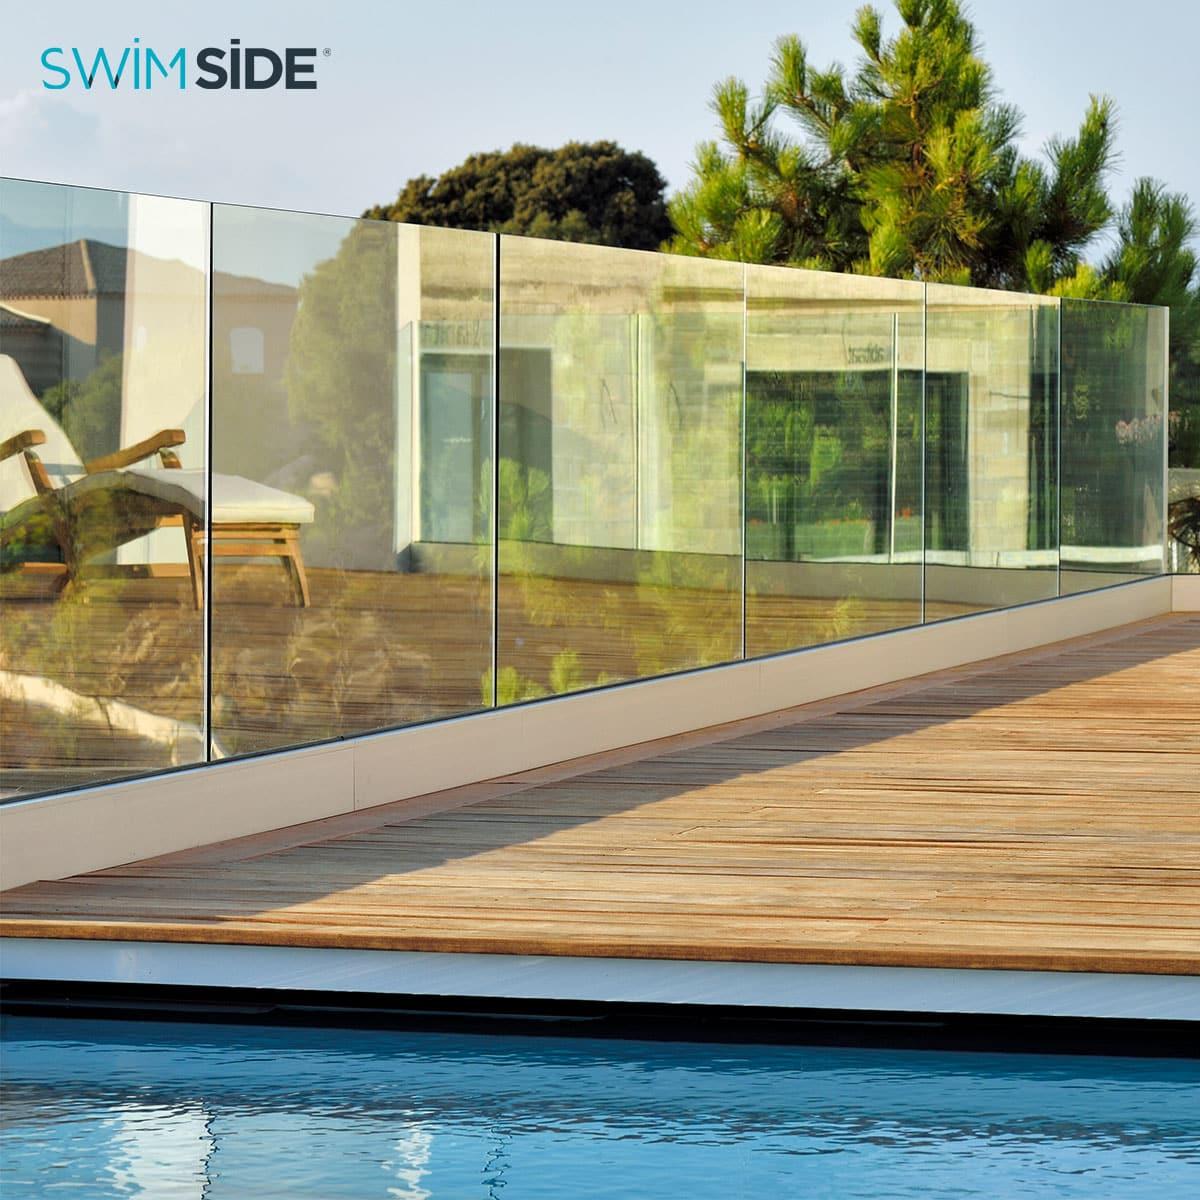 sadev pourquoi utiliser nos solutions swimside pour votre barriere de piscine en verre